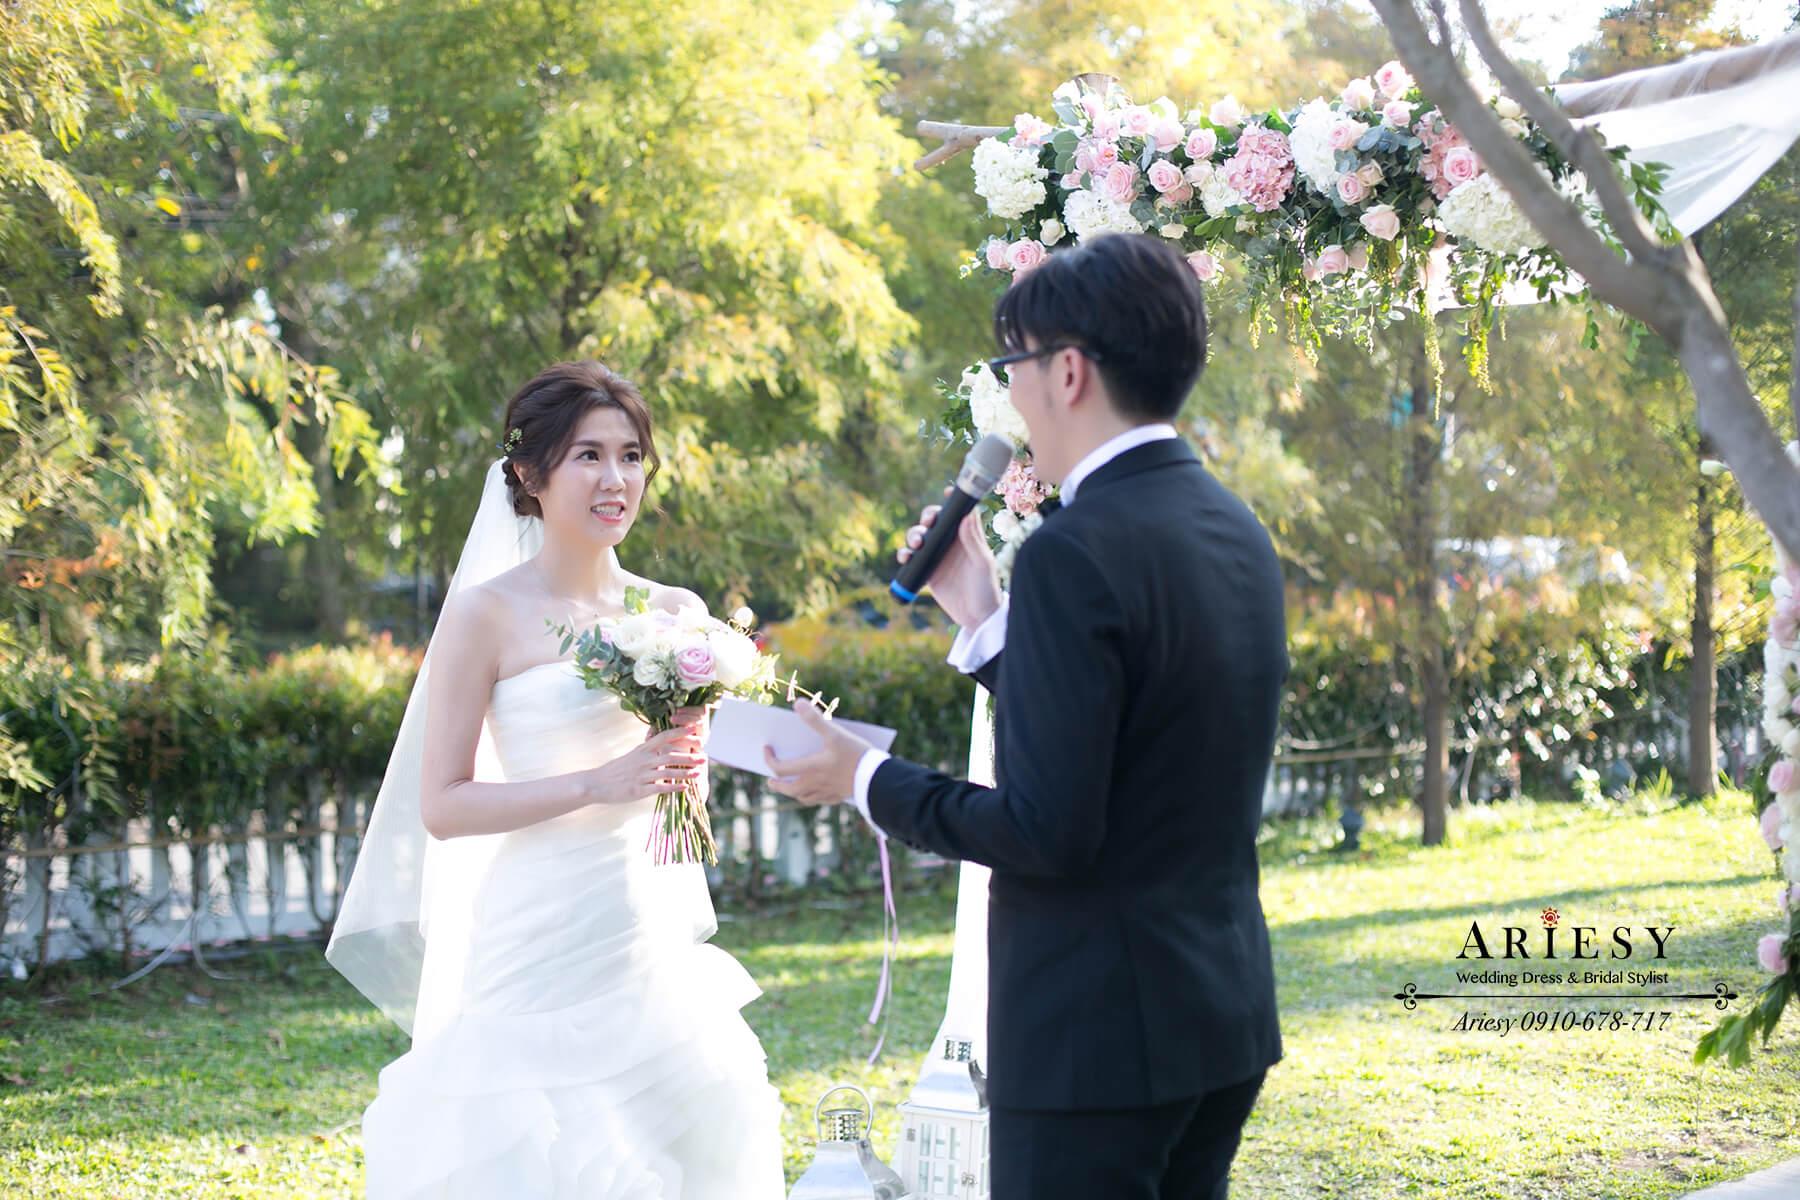 美式戶外證婚新娘造型,歐美新娘髮型,美式婚禮新娘,愛瑞思,ARIESY,陽明山戶外婚禮